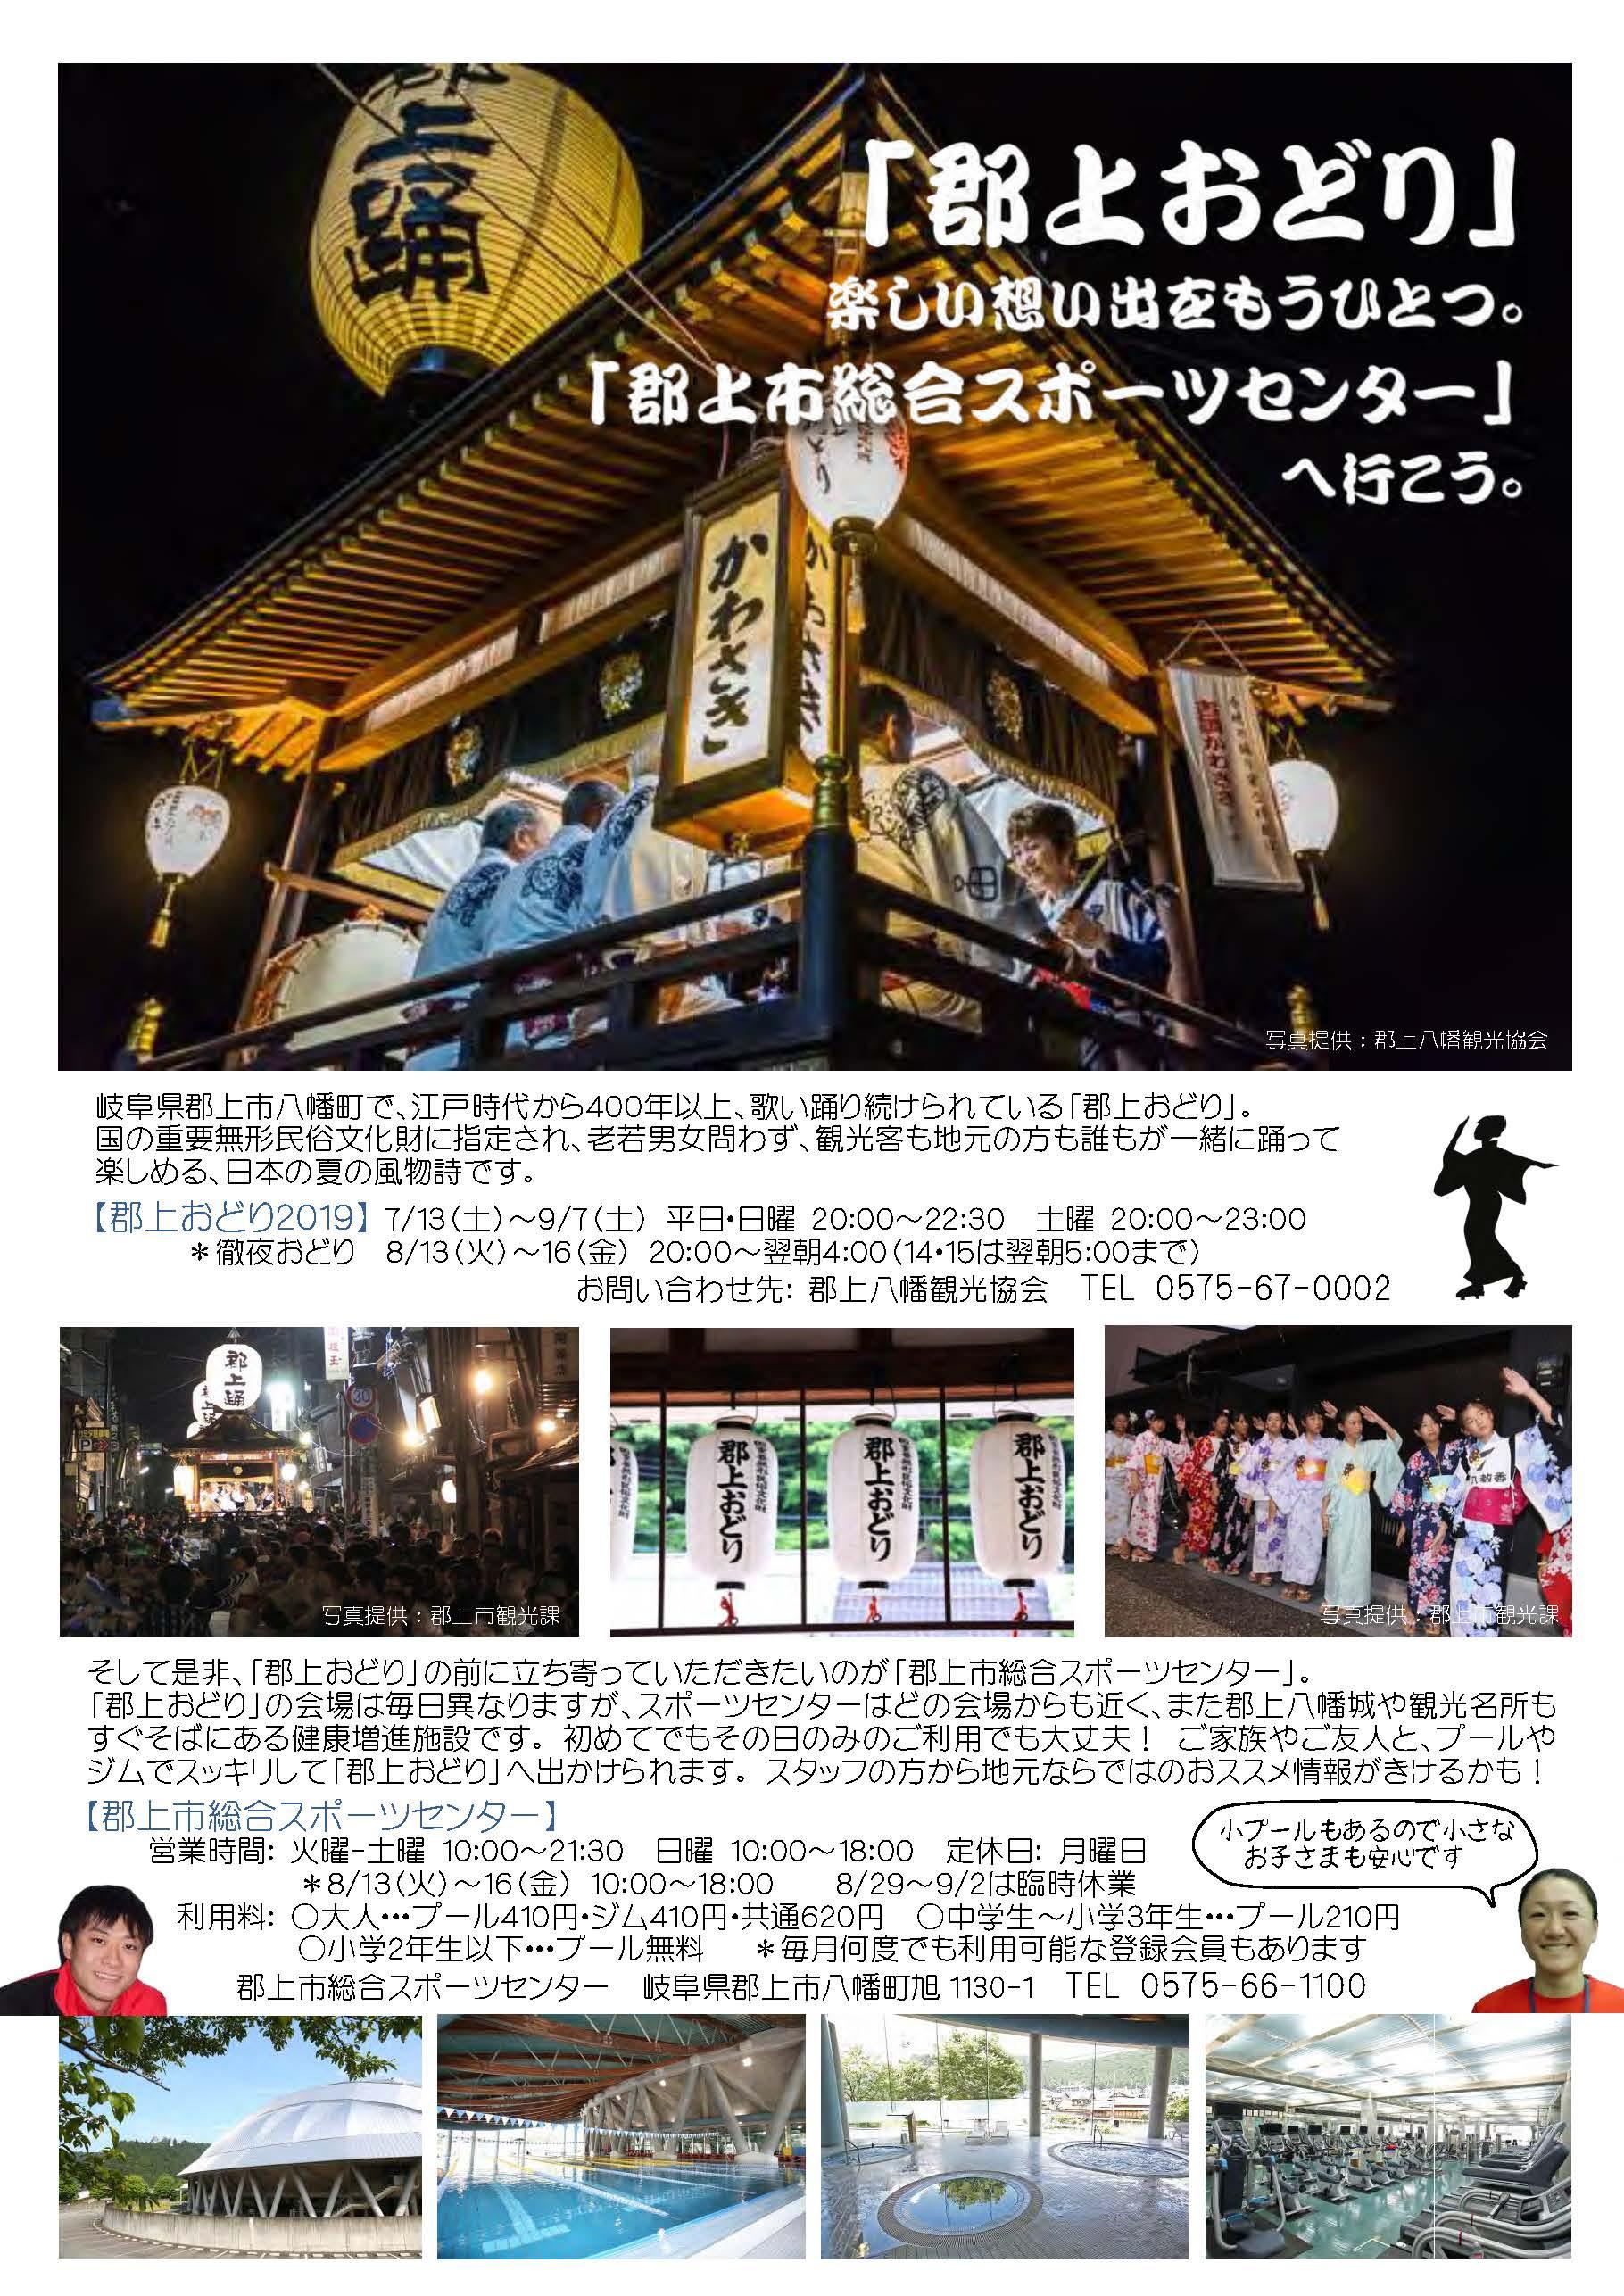 ドルフィン広報誌7月号校了_ページ_3